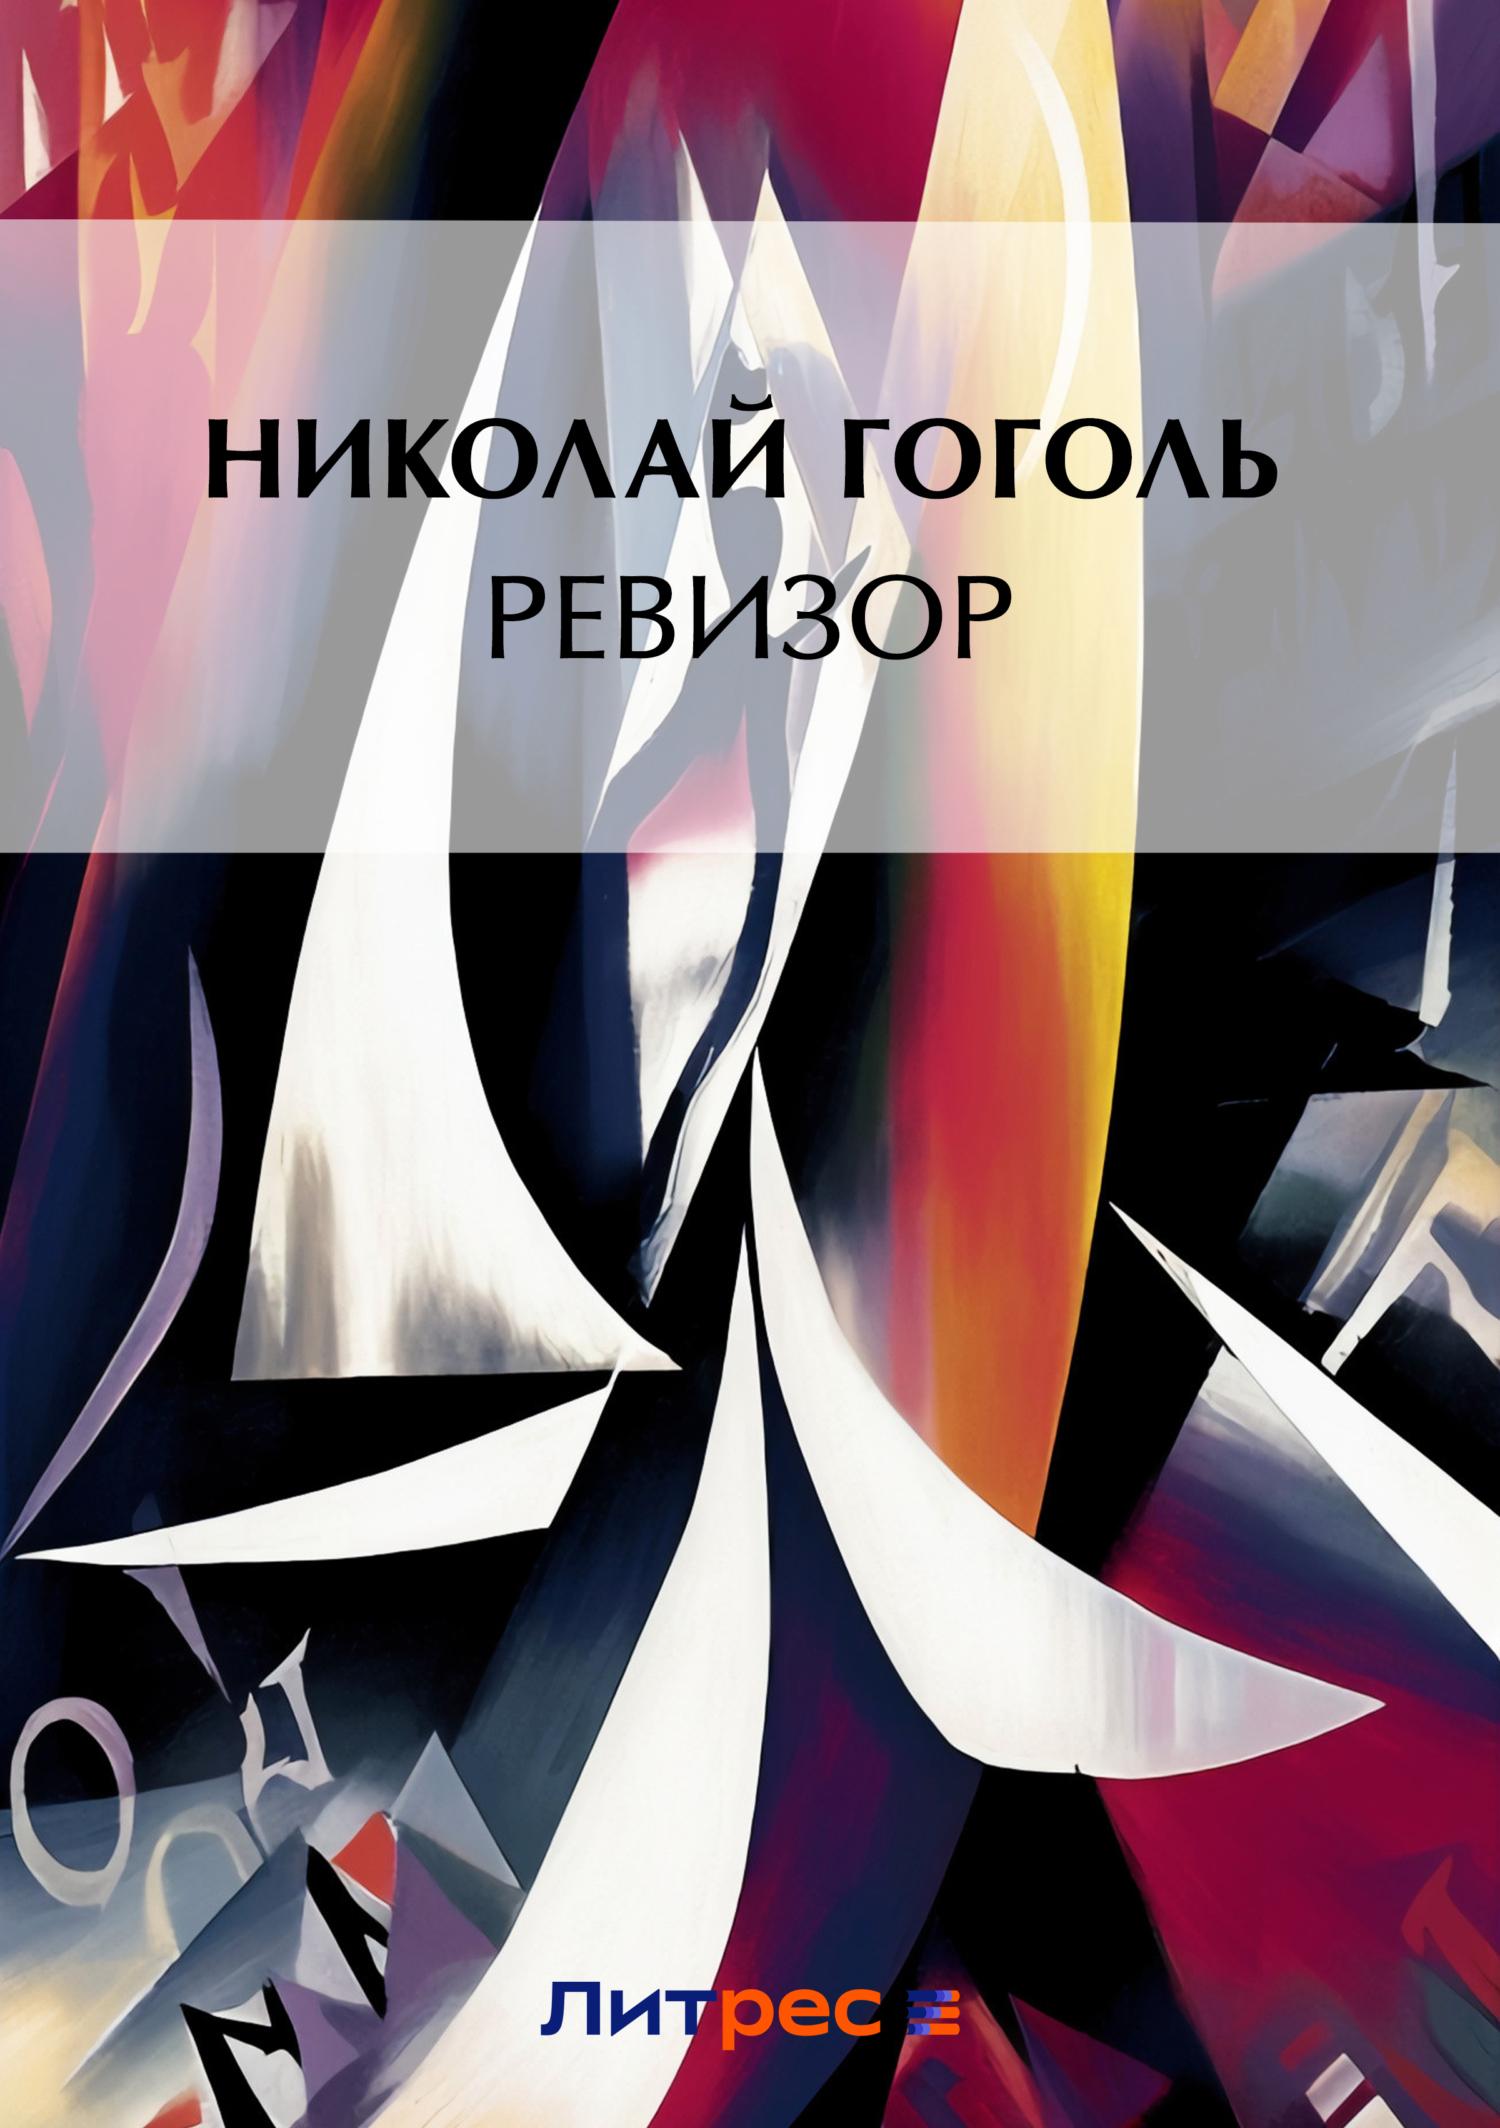 Ревизор ( Николай Гоголь  )